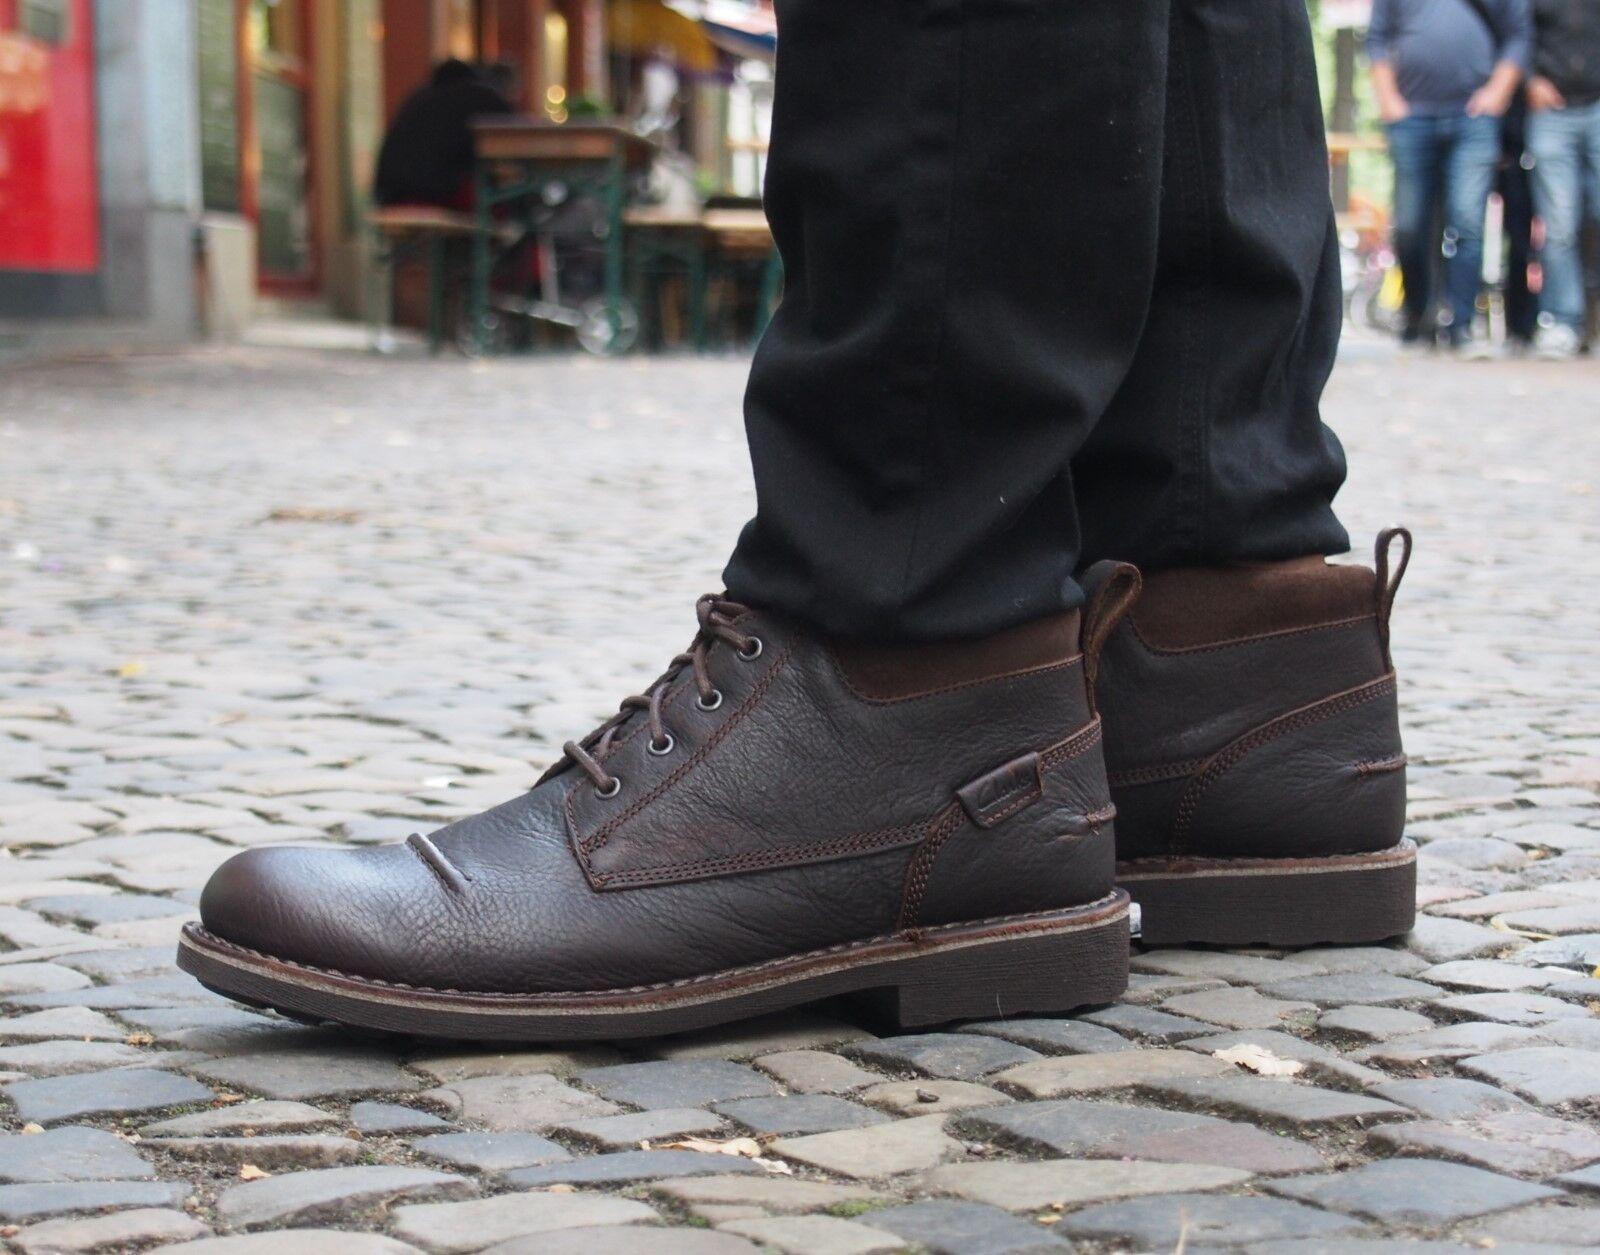 Clarks Originals Schuh Lawes Top braun Echtleder Herrenschuh SchnürStiefel neu SALE